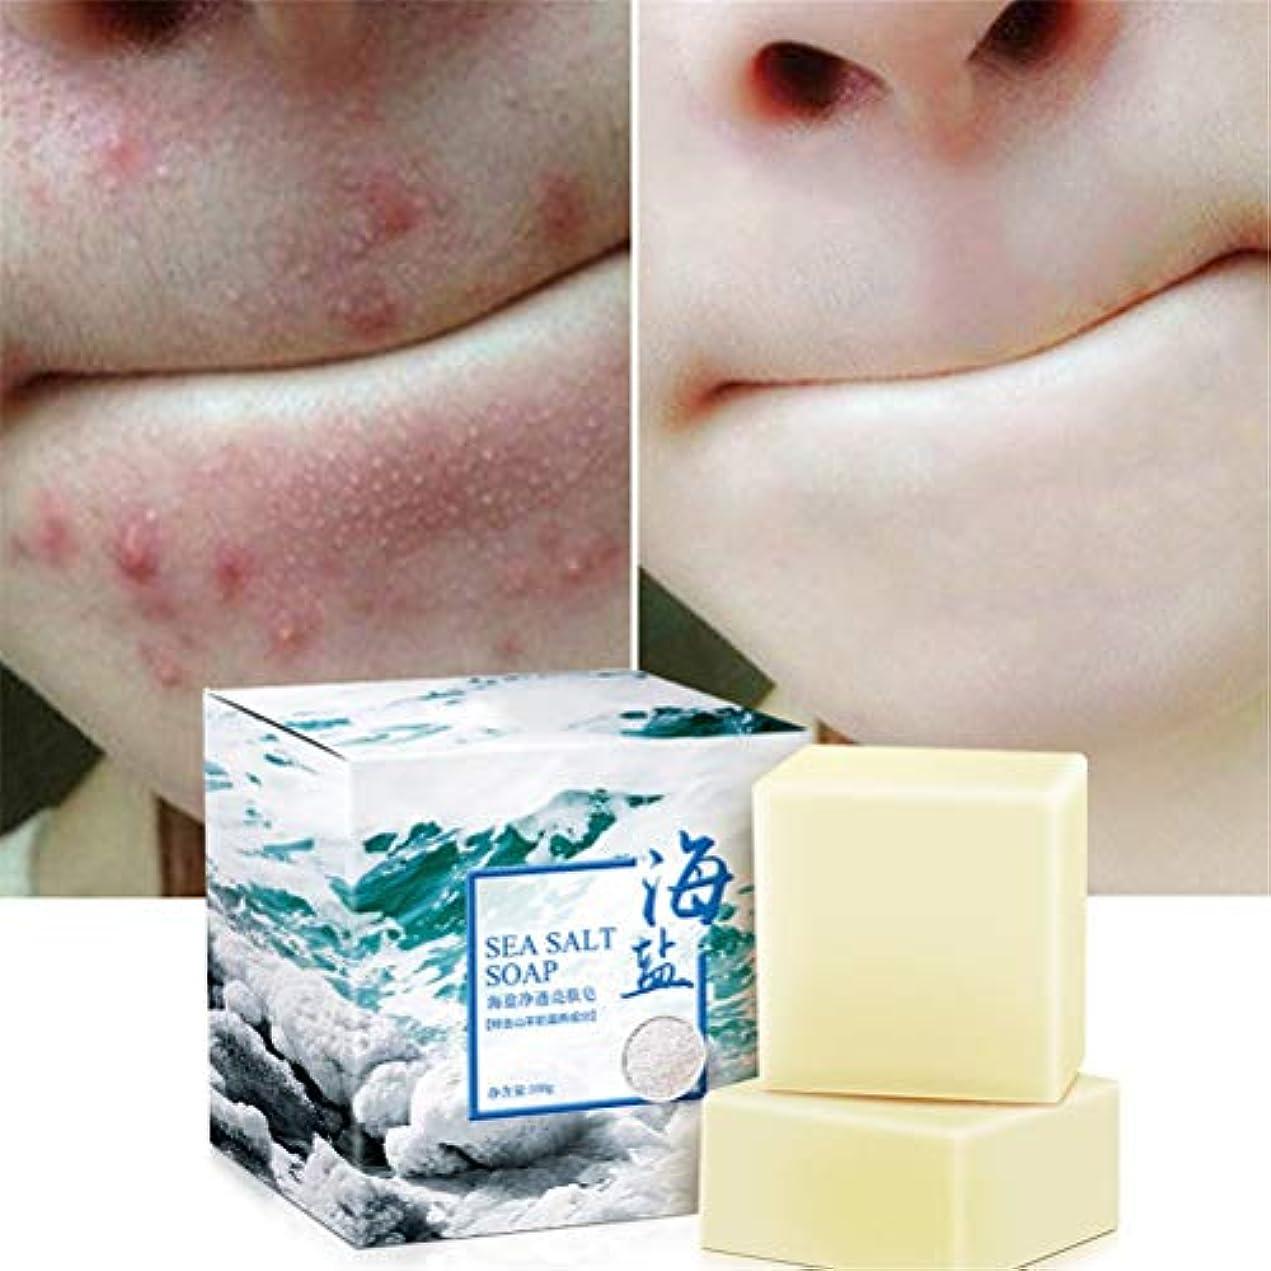 初期の倒錯アルファベットsupbel 石鹸 洗顔石鹸 化粧石けん 浴用 全身 顔 ダニ除去 美肌 デリケートゾーン 低刺激 保湿 水分補給 毛穴 自然乾燥仕上げ アルコールフリー いい匂い シャワー用